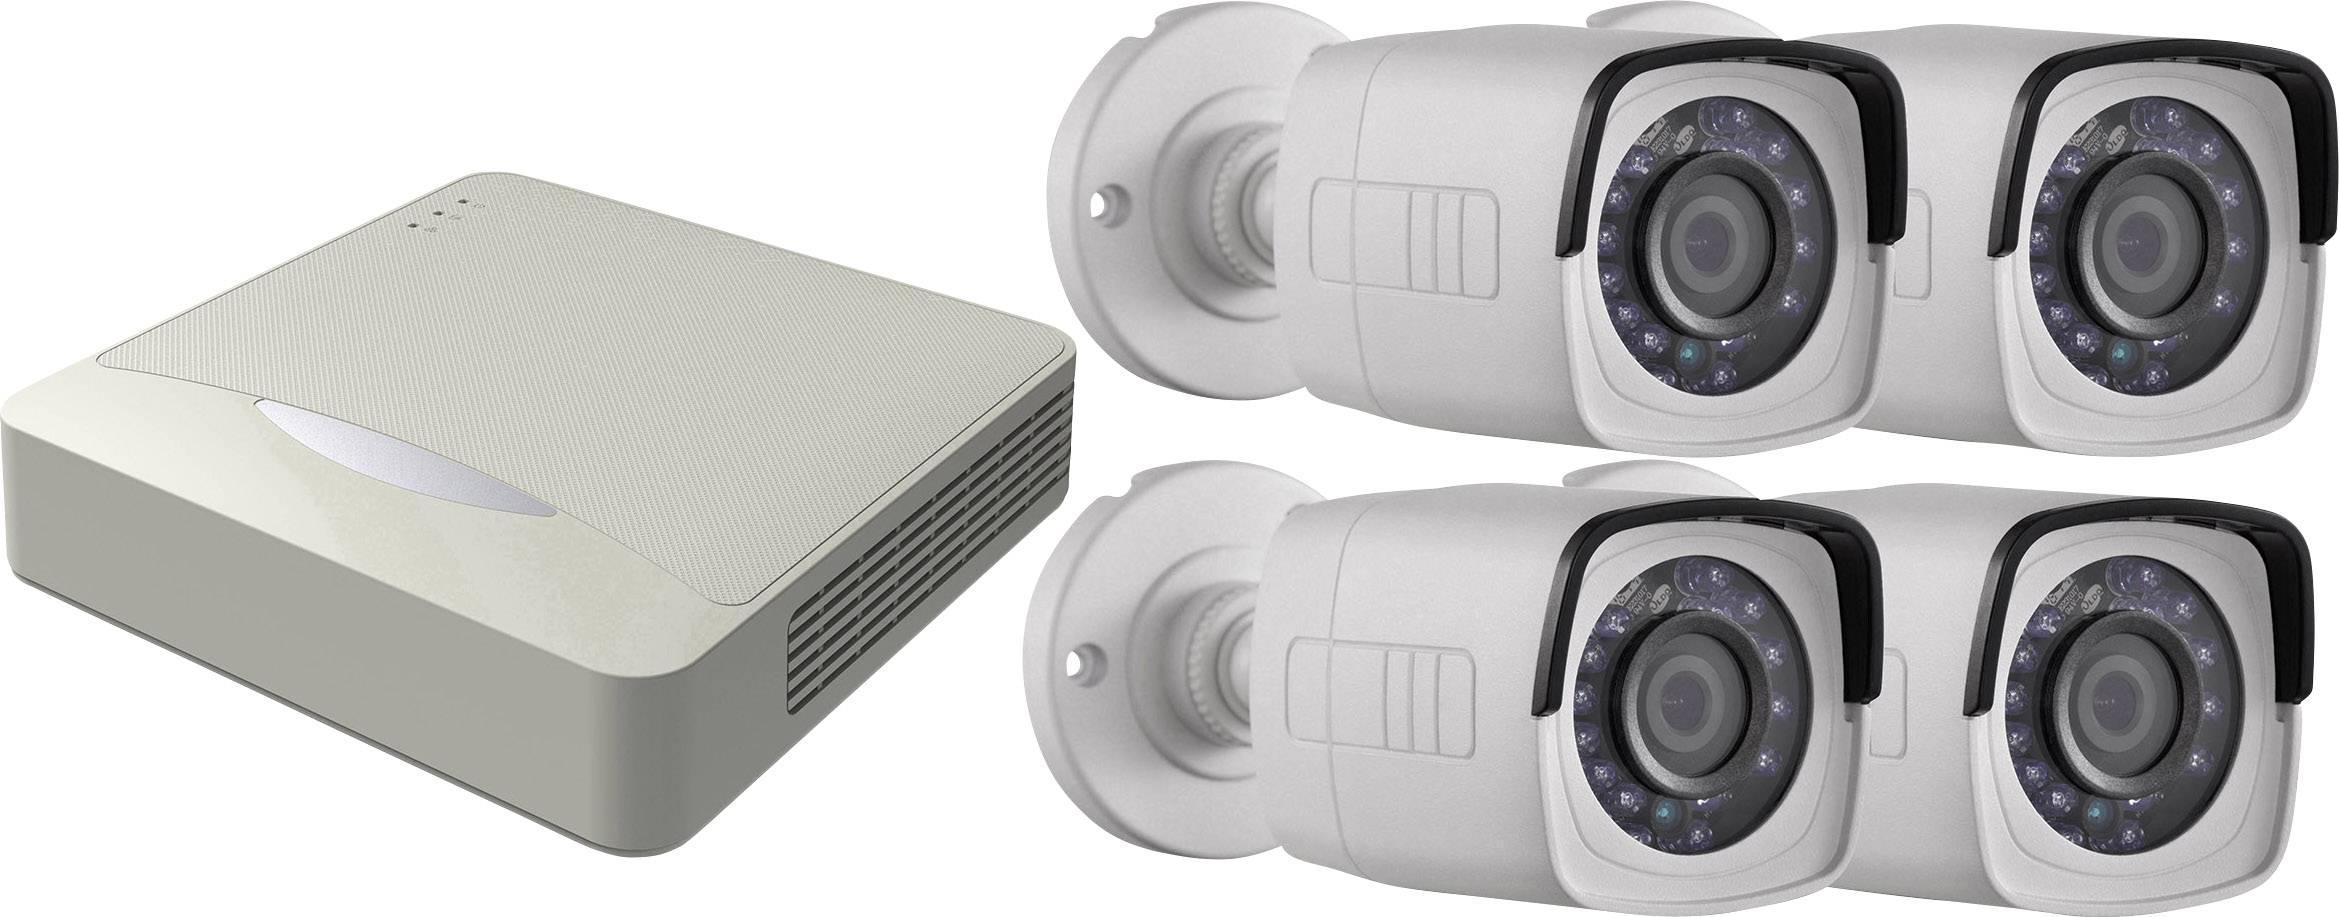 Sada bezpečnostnej kamery HiWatch DS-H104Q + DS-T200 4-kanálový